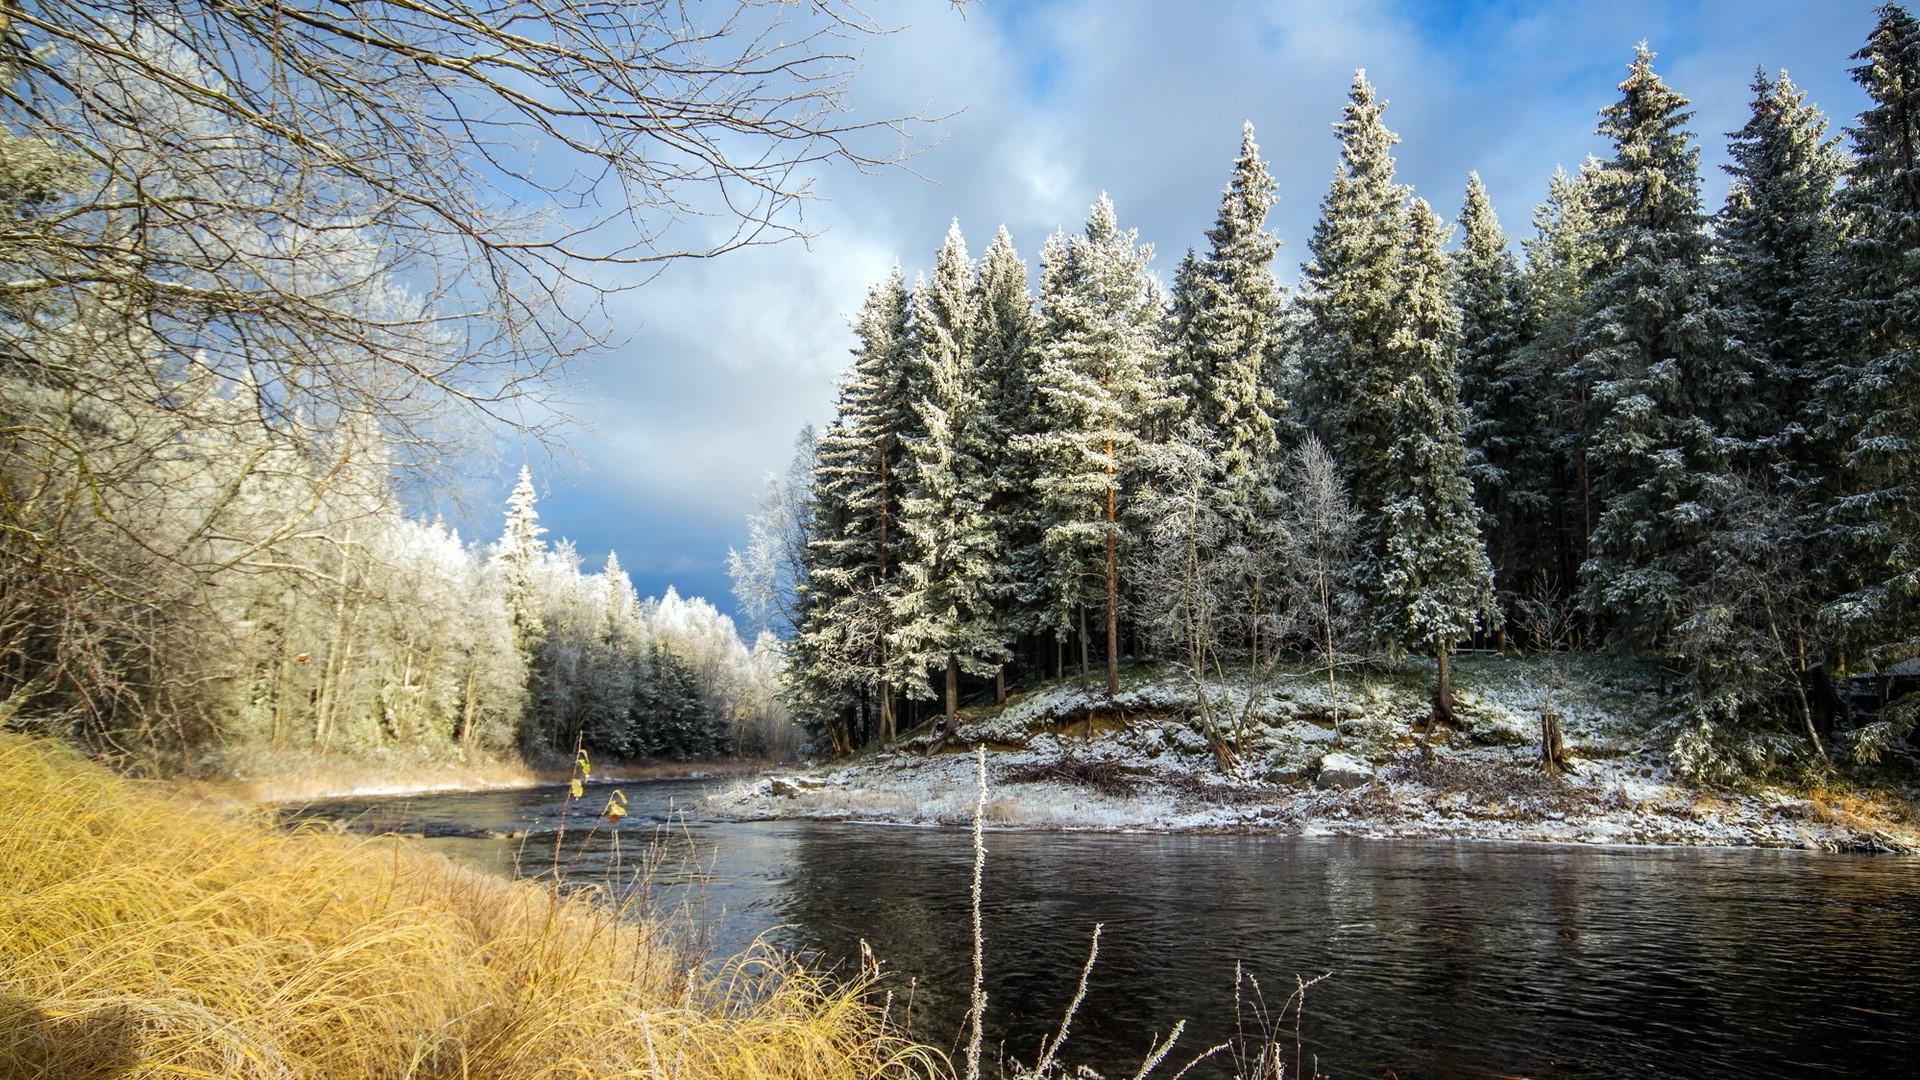 Картинки на телефон природа весна река